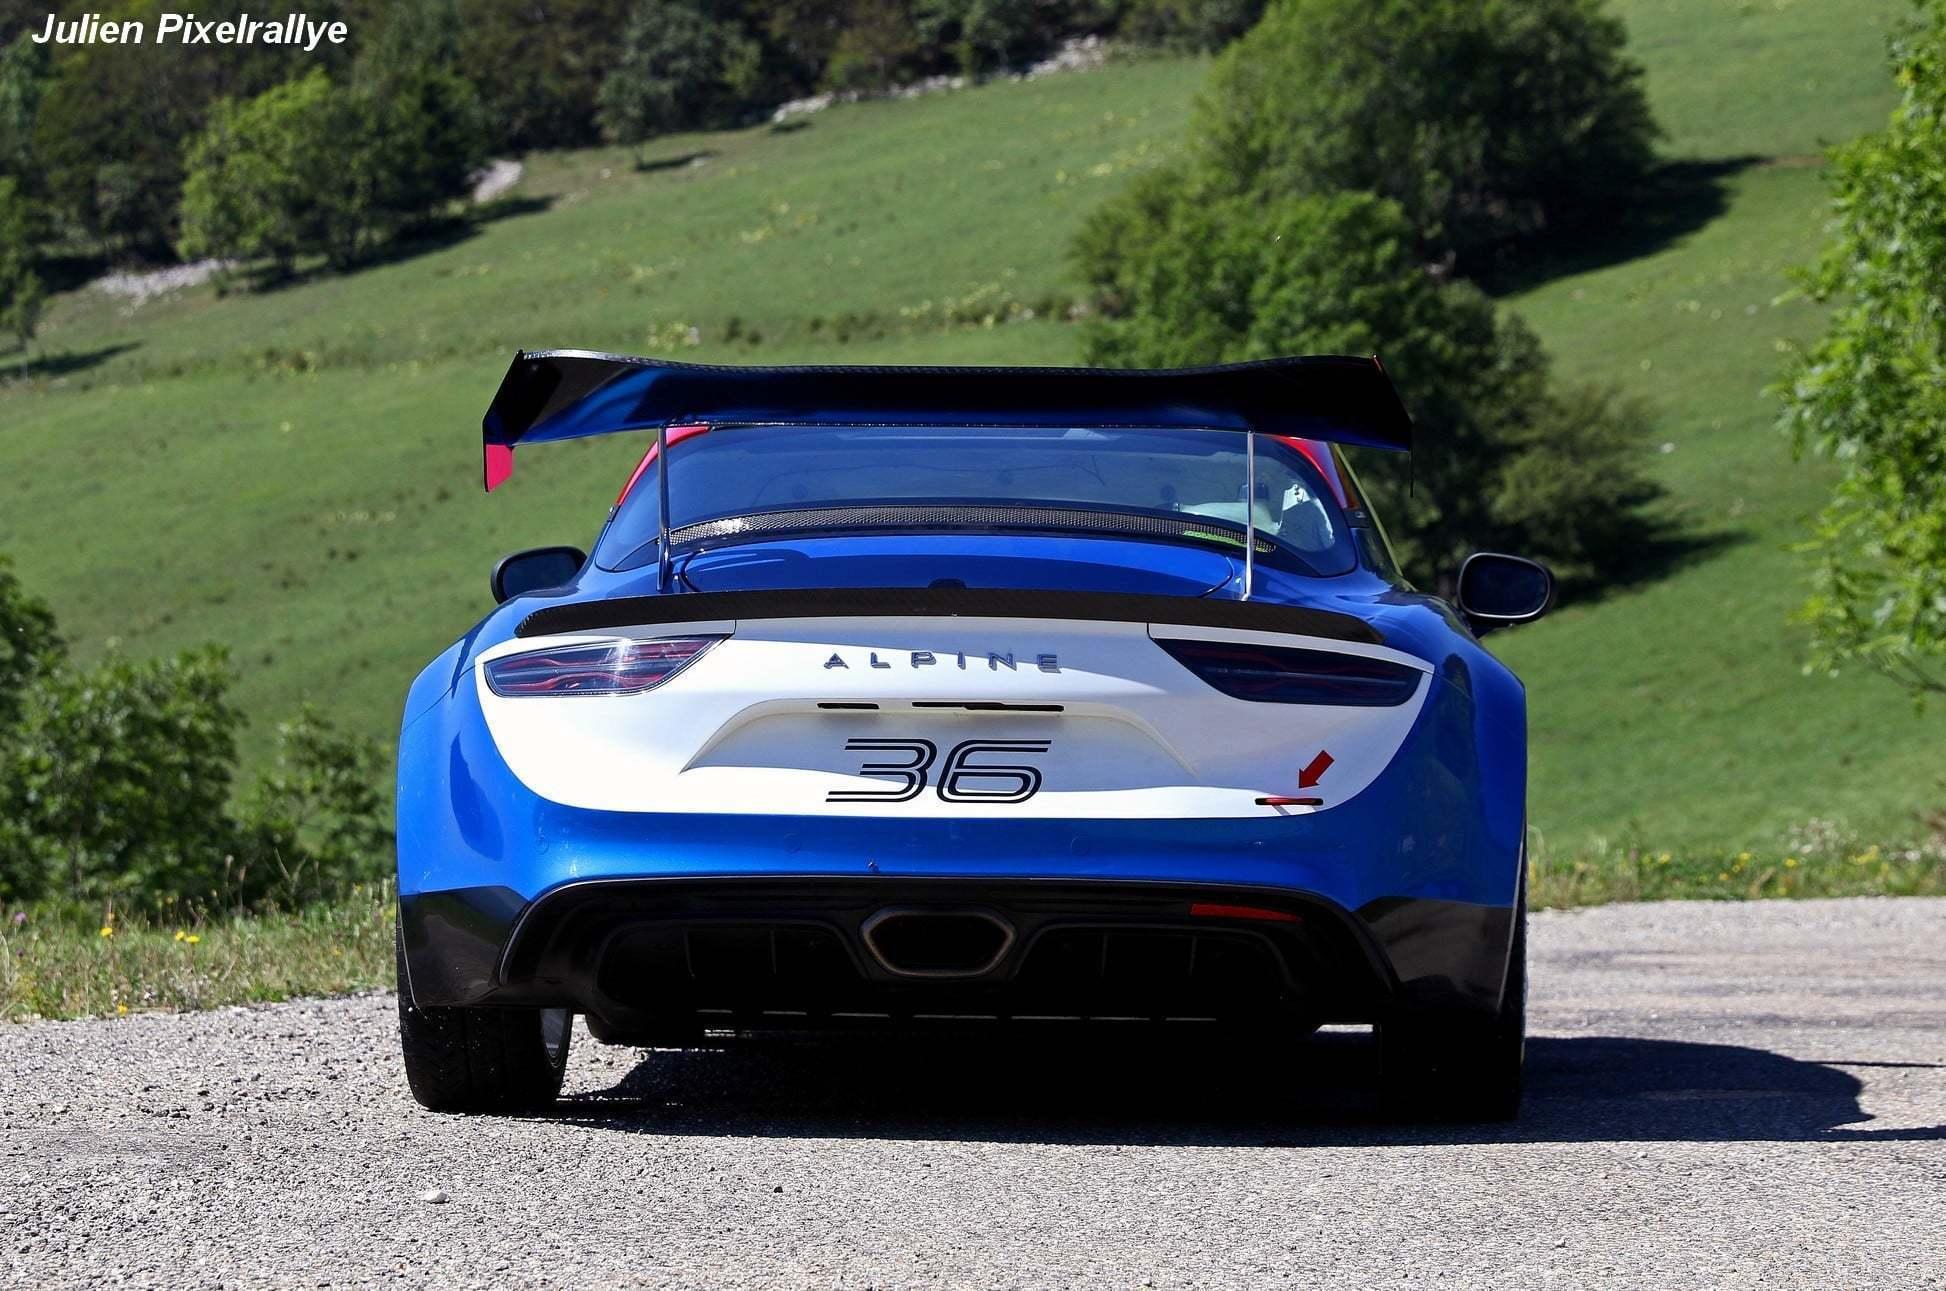 L'Alpine A110 Rally / R-GT en vidéo ! 13